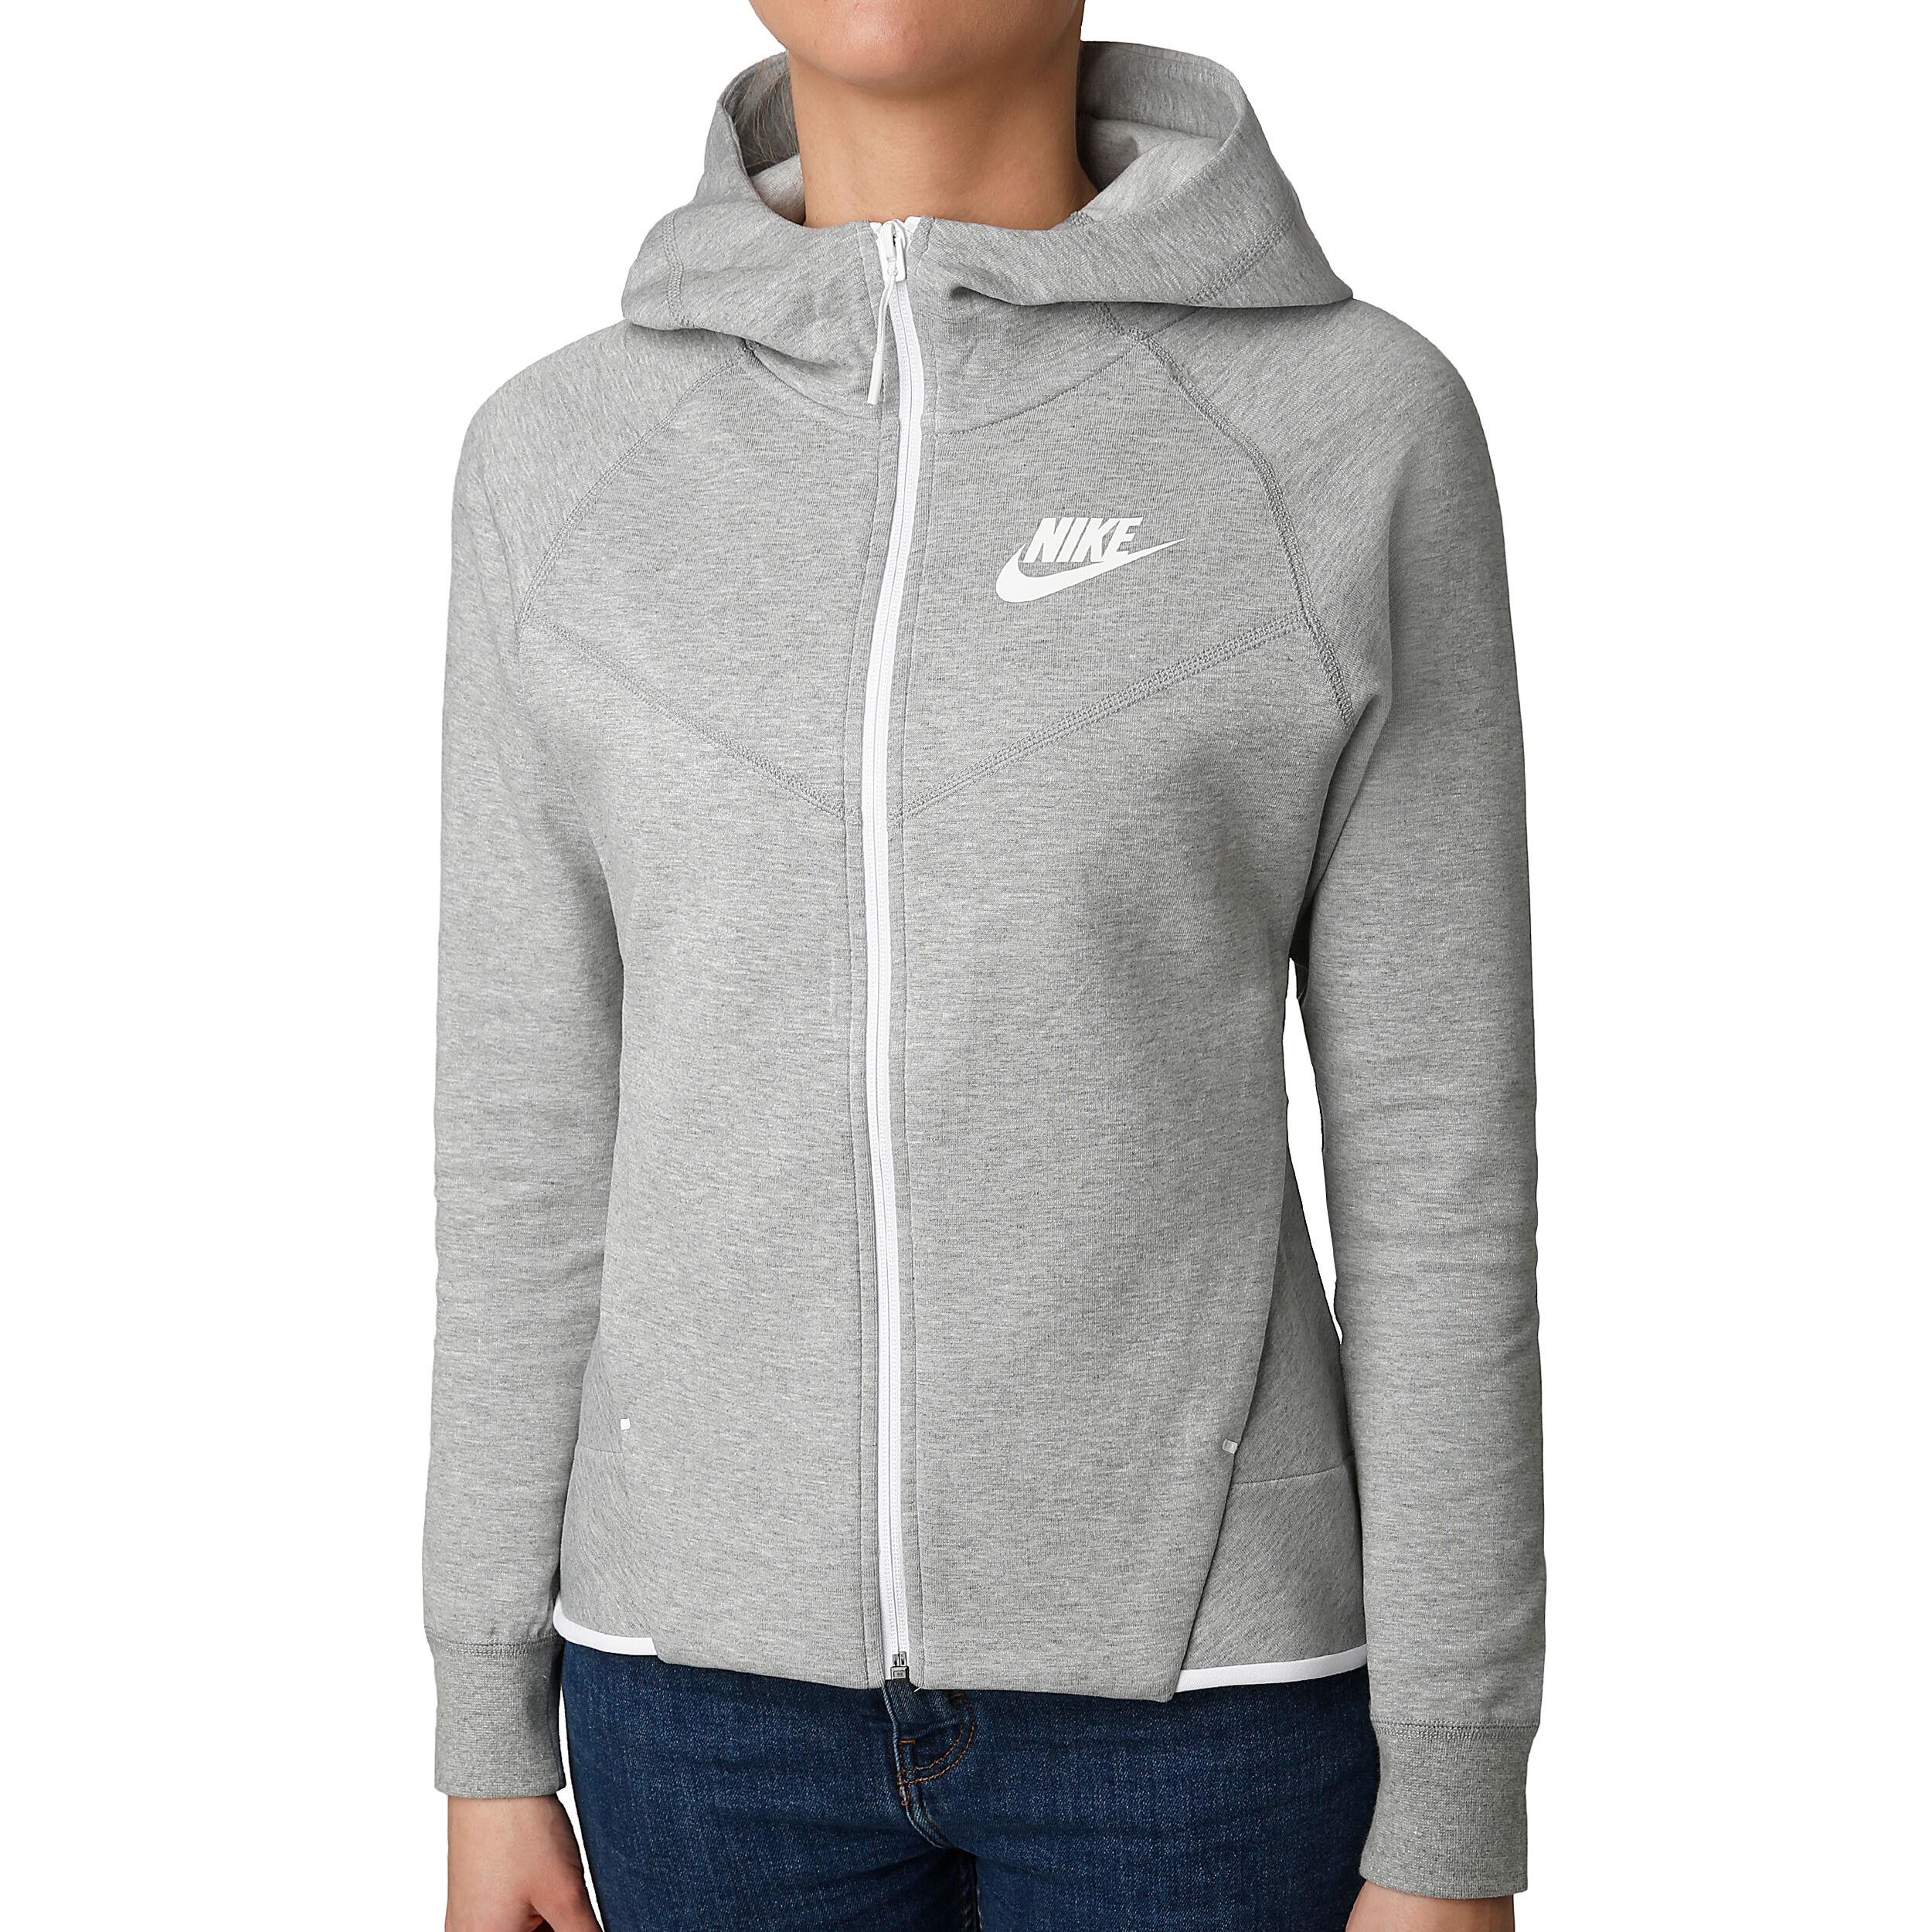 Nike Sportswear Tech Fleece Sweatjacke Damen Grau, Weiß